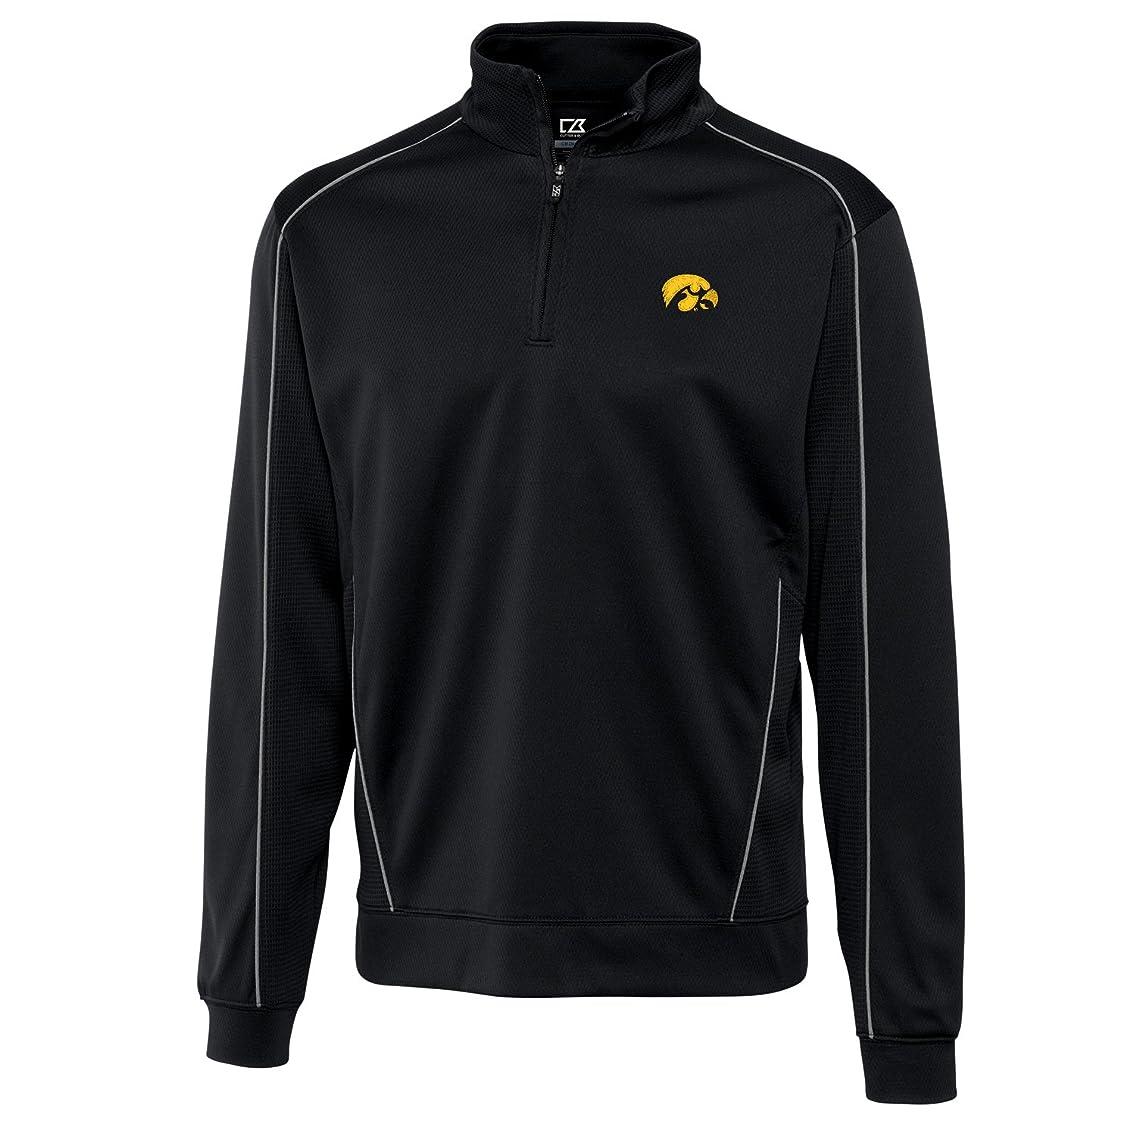 Cutter & Buck NCAA Iowa Hawkeyes Men's CB Drytec Edge Half Zip Jacket